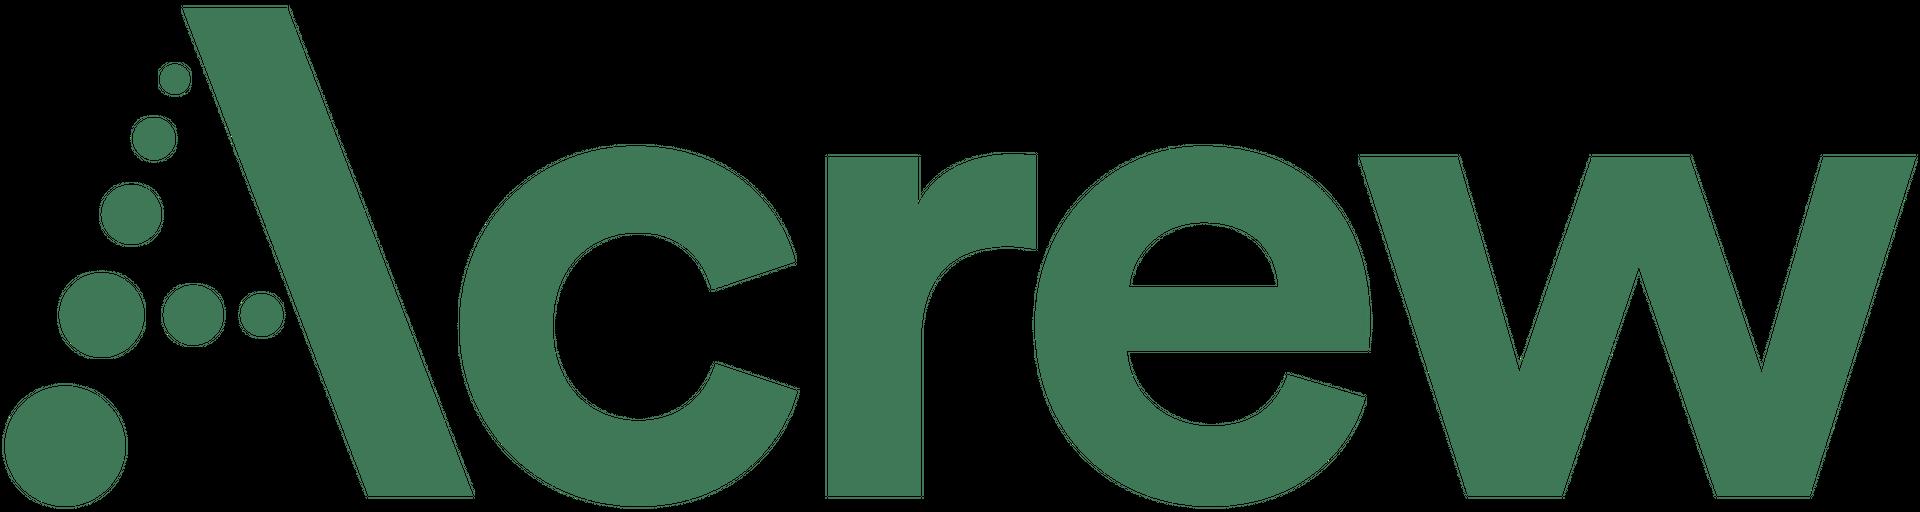 Acrew logo green